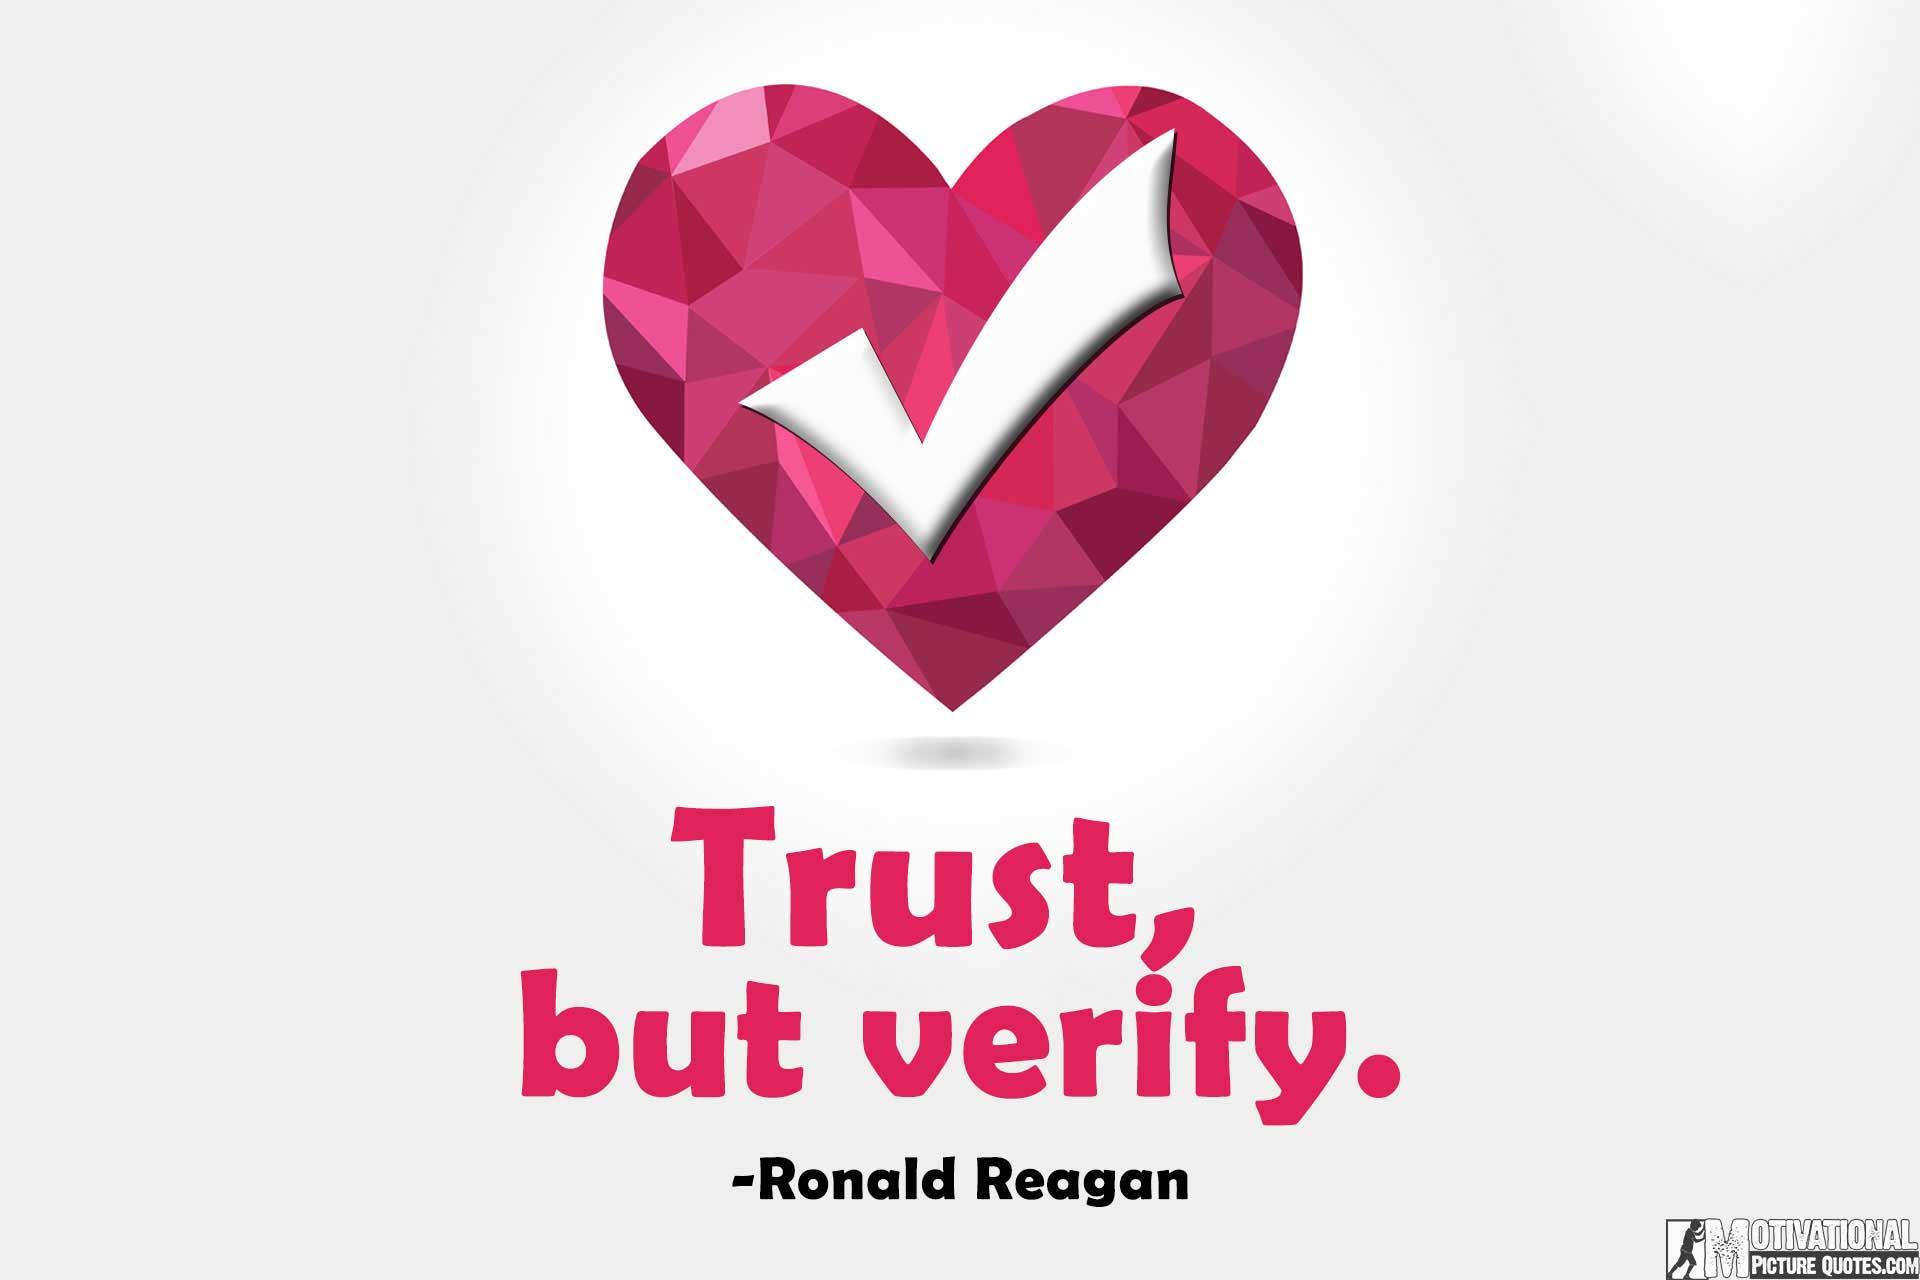 Ronald Reagan Quote For Trust